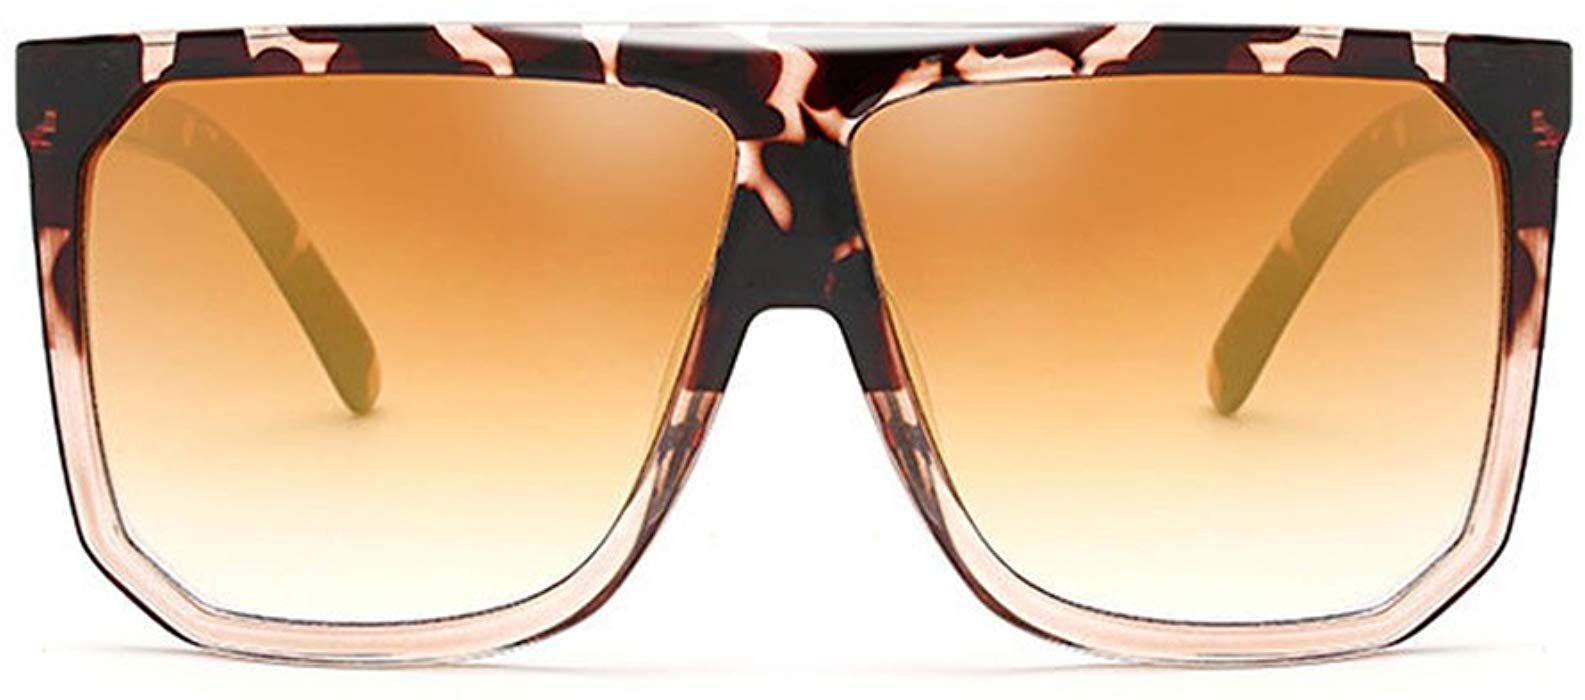 Morye Fashion Oversized Sunglasses Flat Top